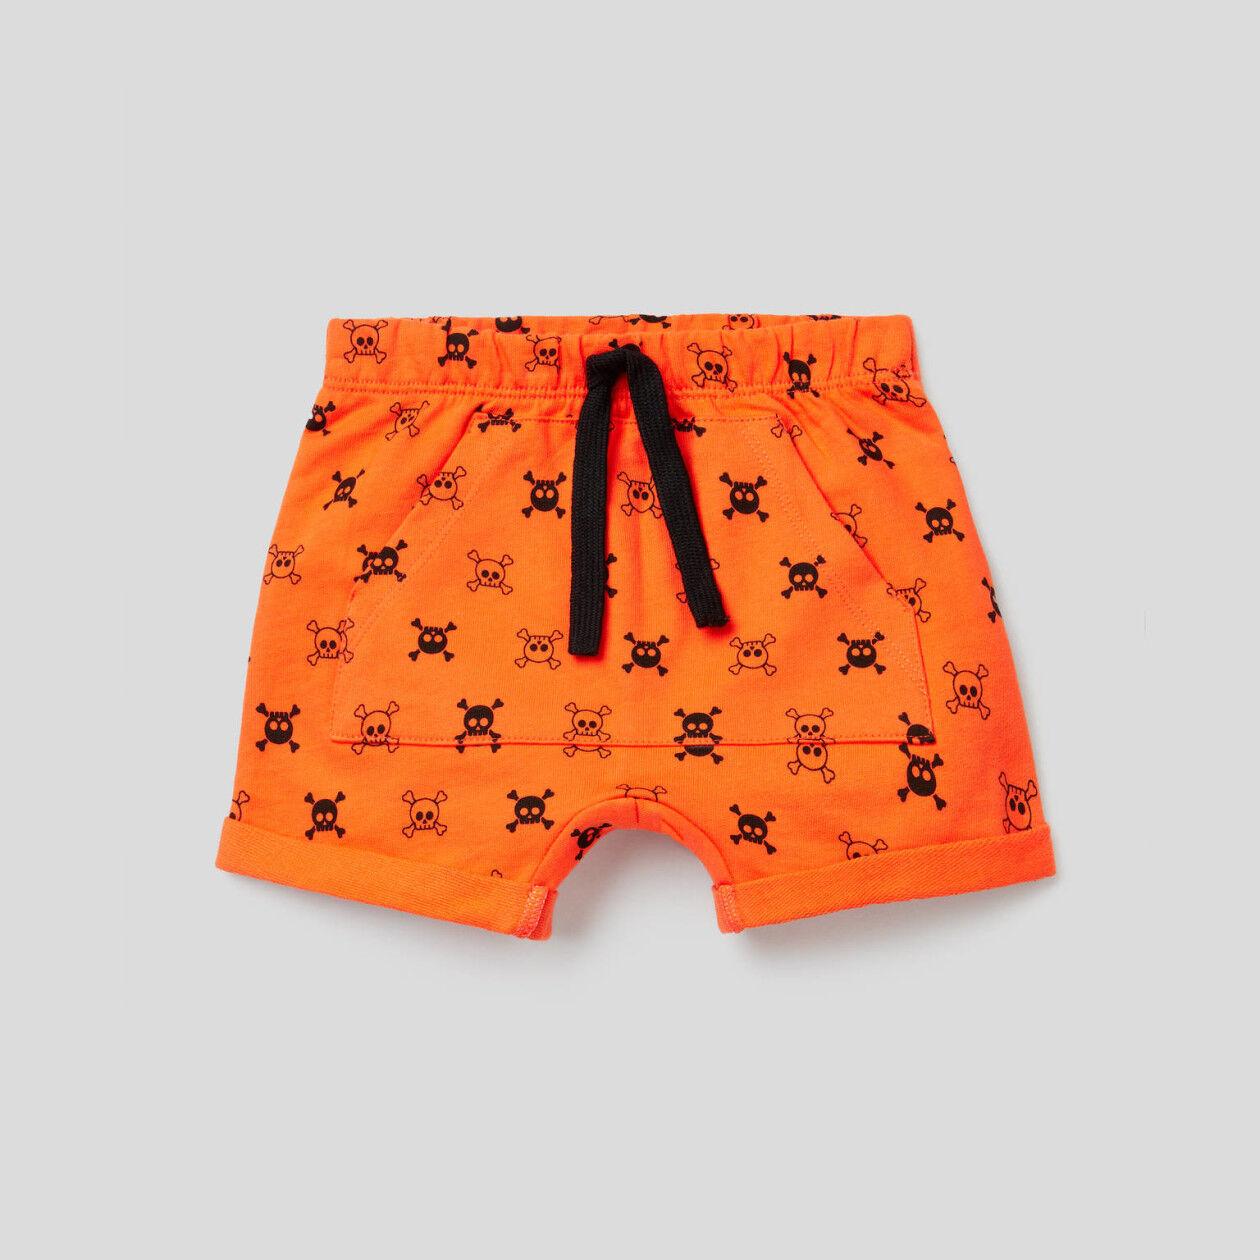 Shorts with maxi pocket